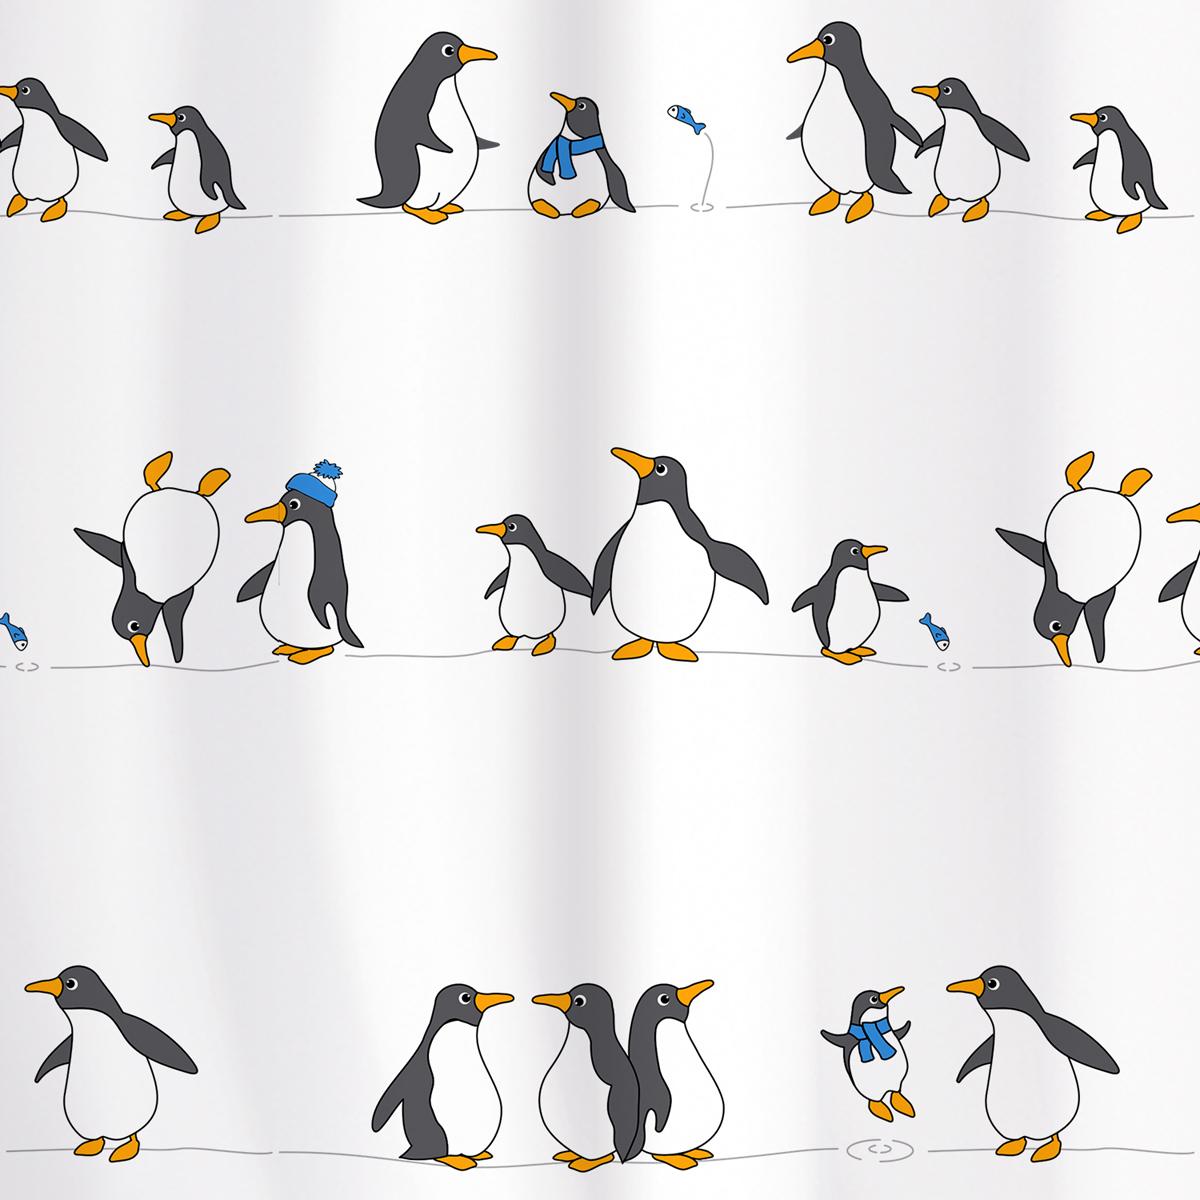 Штора для ванной комнаты Tatkraft Penguins, 180 х 180 см18648Штора для ванной комнаты Tatkraft Penguins выполнена из полиэстера с водоотталкивающим и антигрибковым покрытием. Изделие быстро высыхает и легко стирается. Штора украшена изображением пингвинов. В комплекте прилагаются 12 фигурных пластиковых колец. Штора оснащена магнитами-утяжелителями для наибольшего комфорта. Можно стирать в стиральной машине при температуре 40°С.